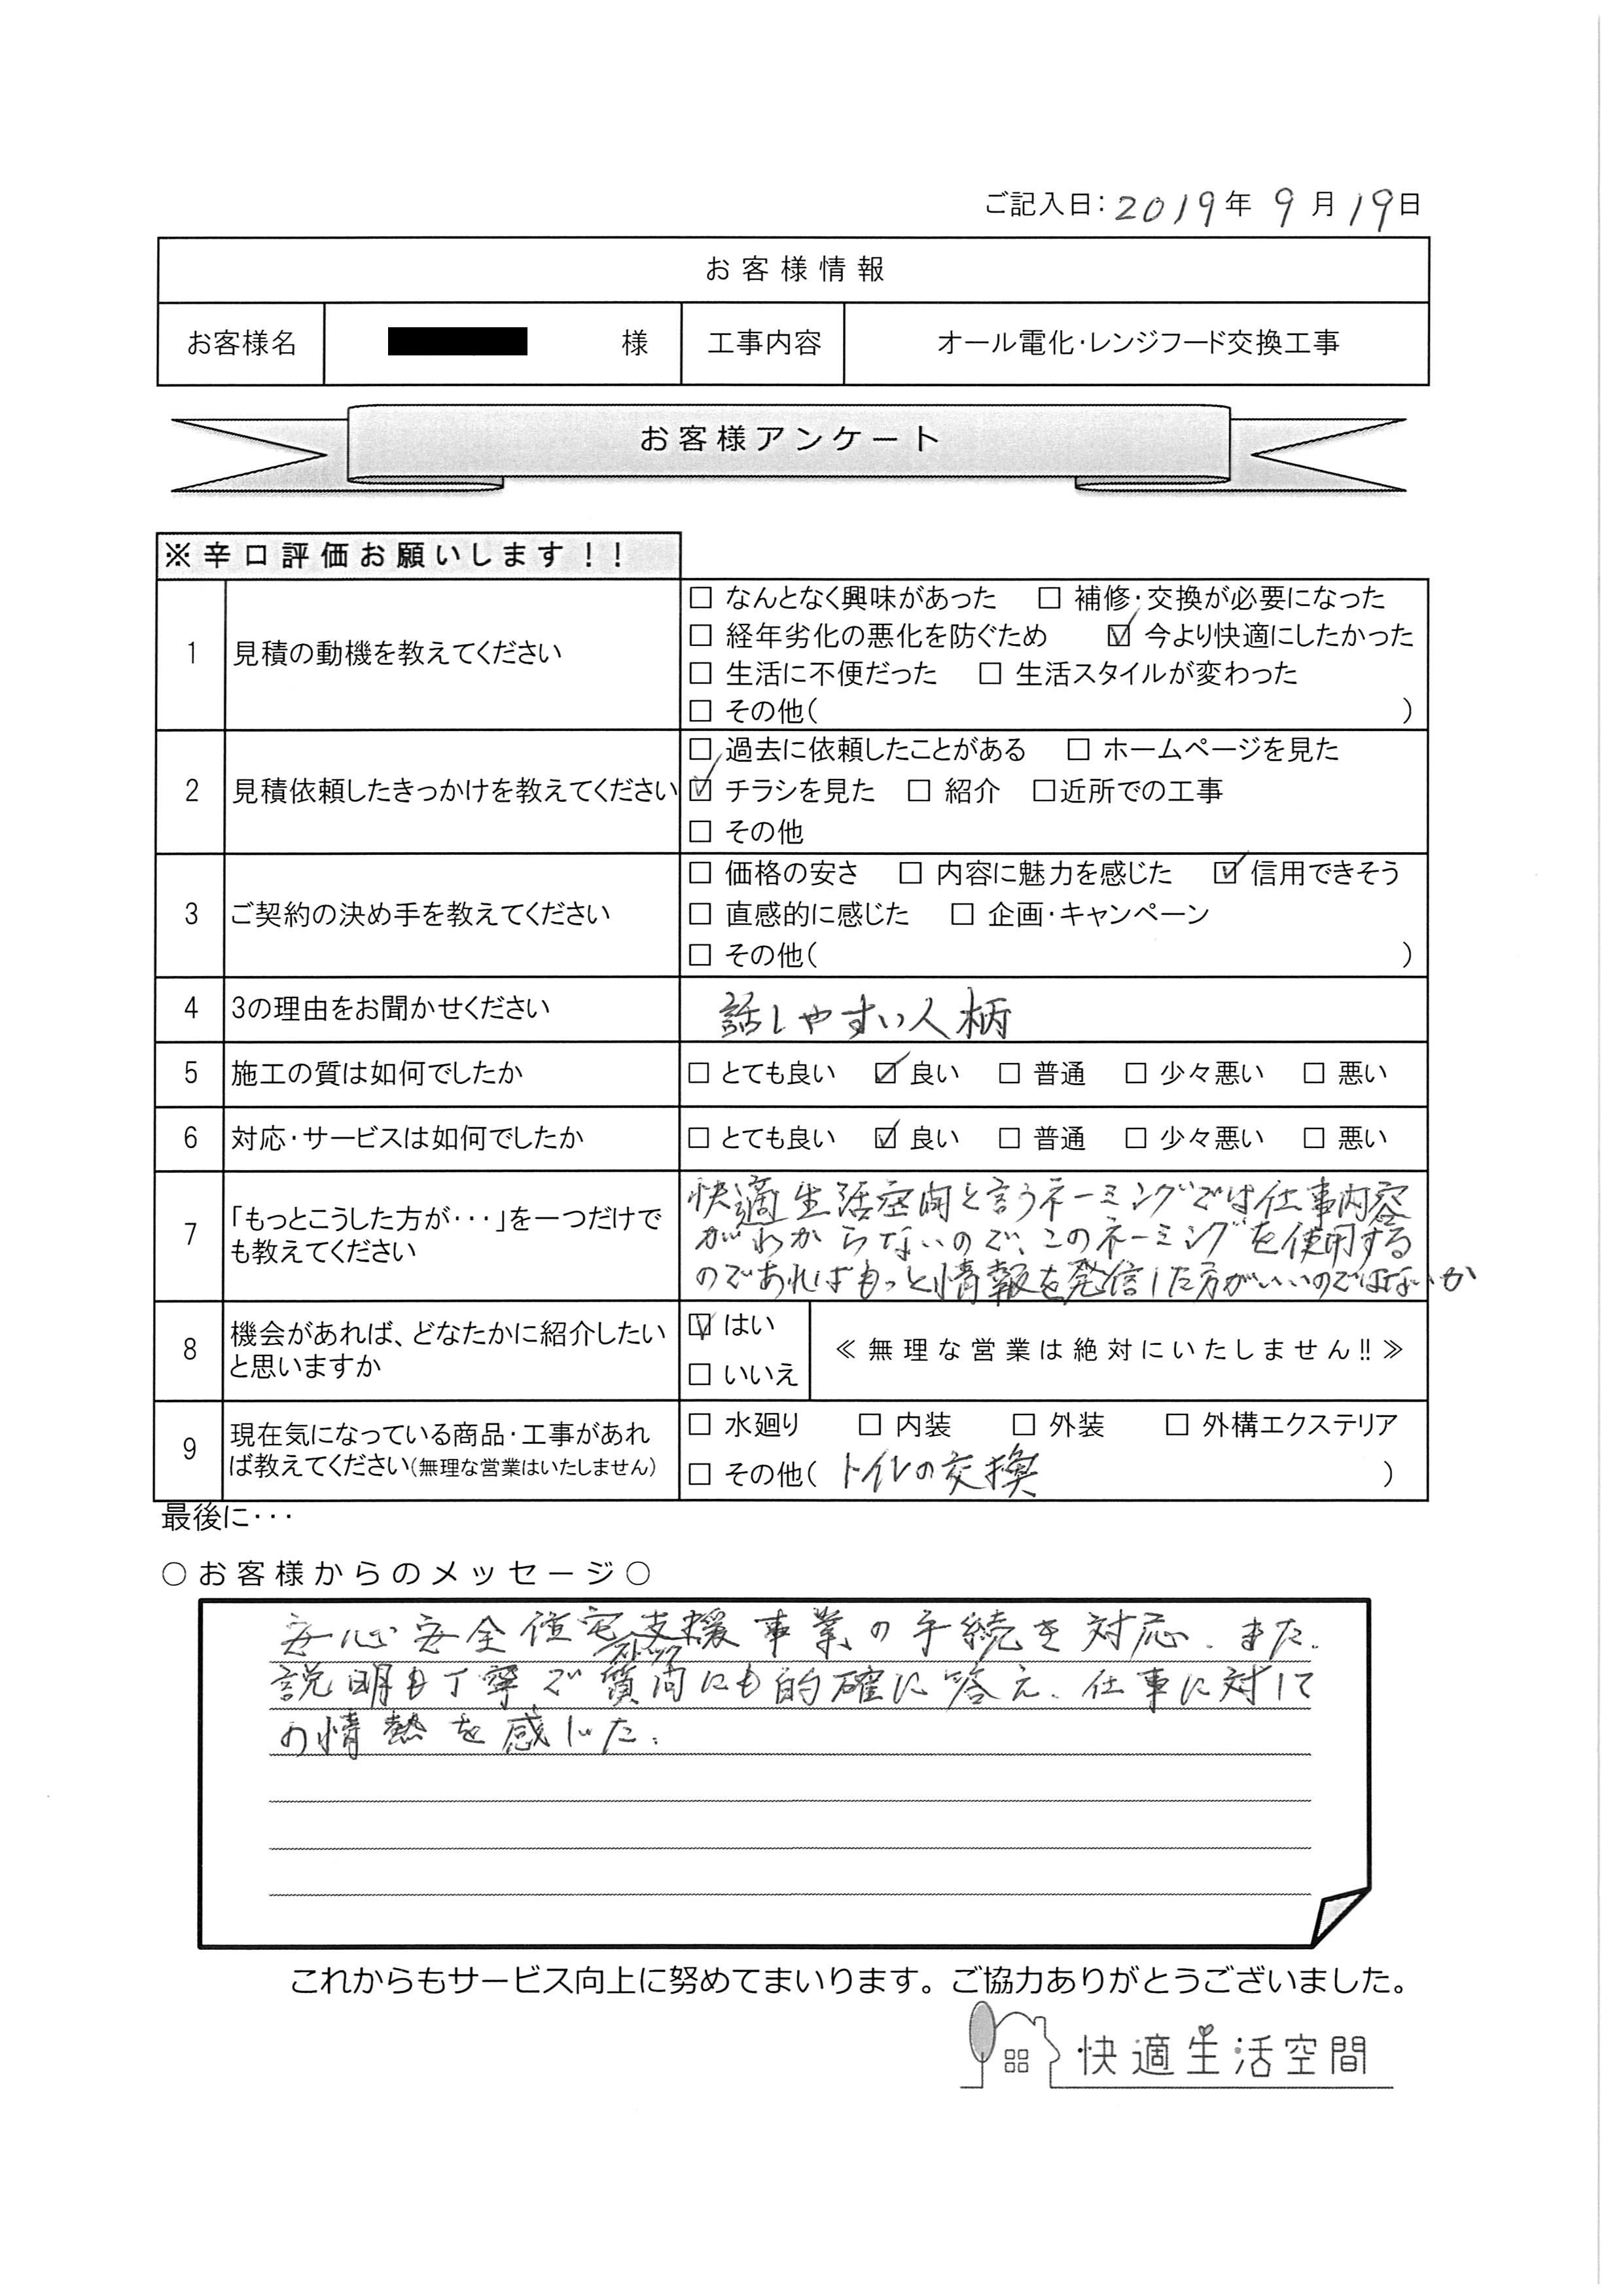 O様邸 オール電化・レンジフード交換工事 アンケート